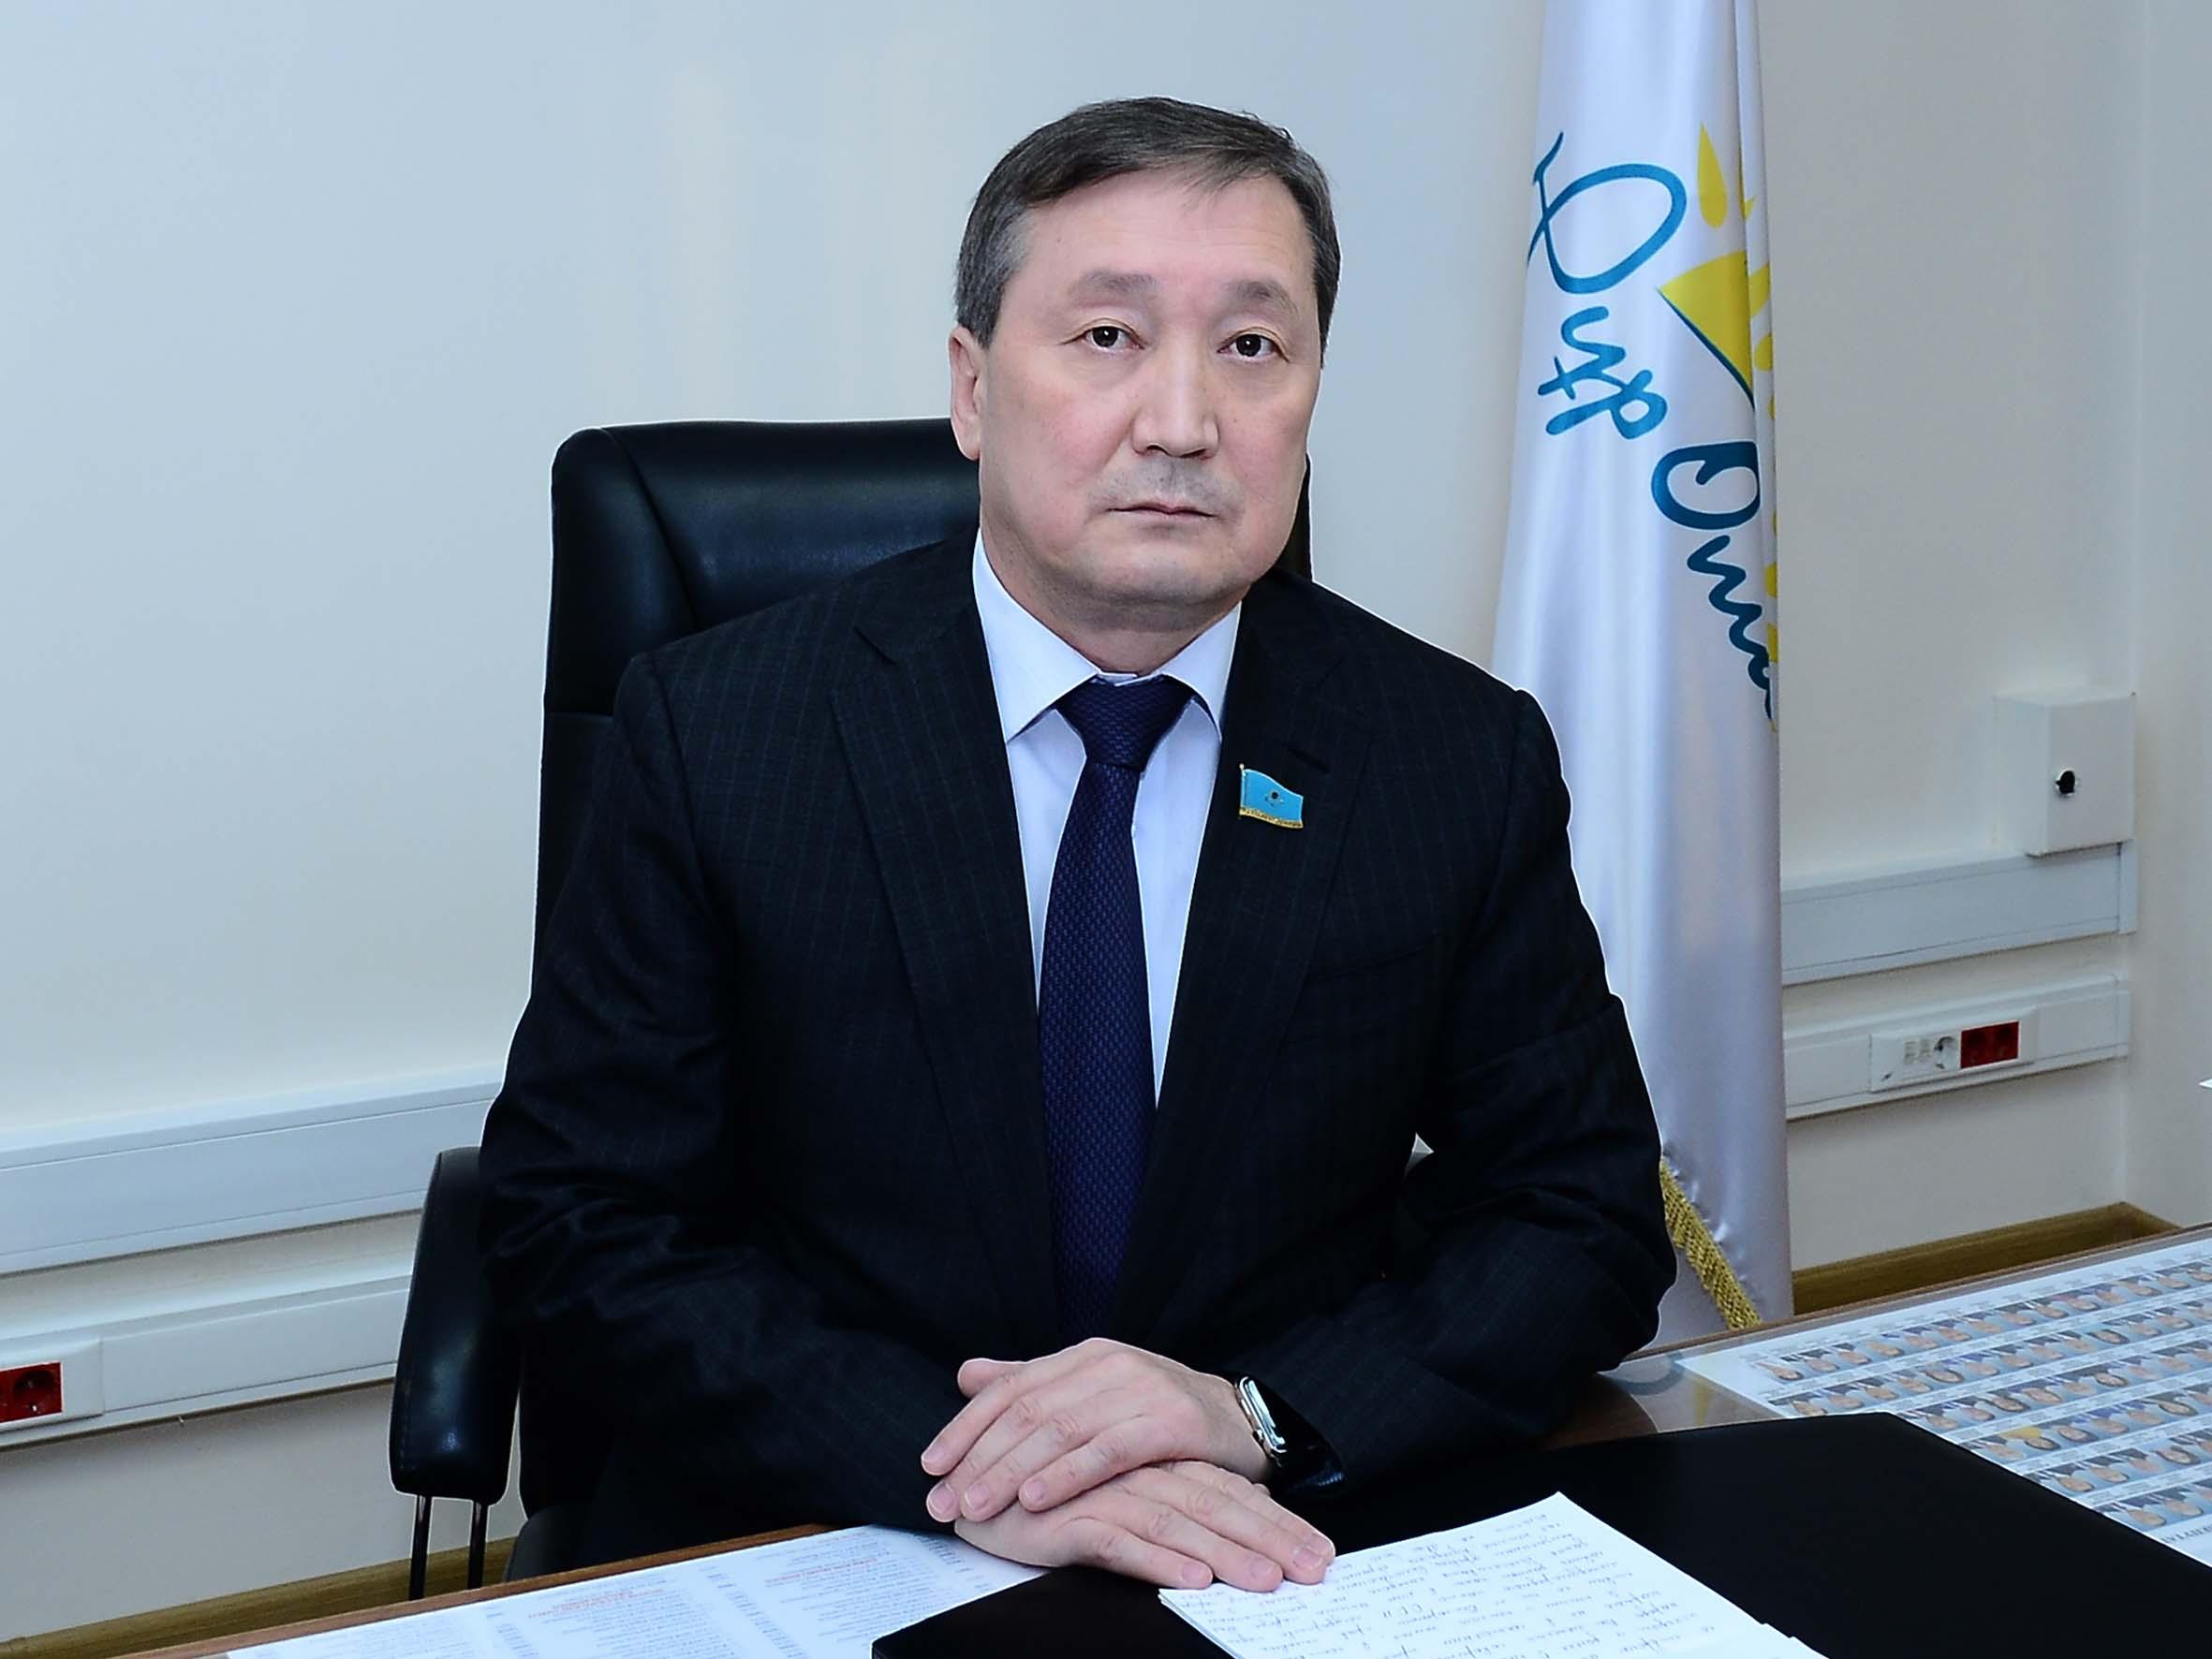 Досье: Омаров Сапархан Кесикбаевич,  Сапархан Омаров,министр сельского хозяйства , Продкорпорация